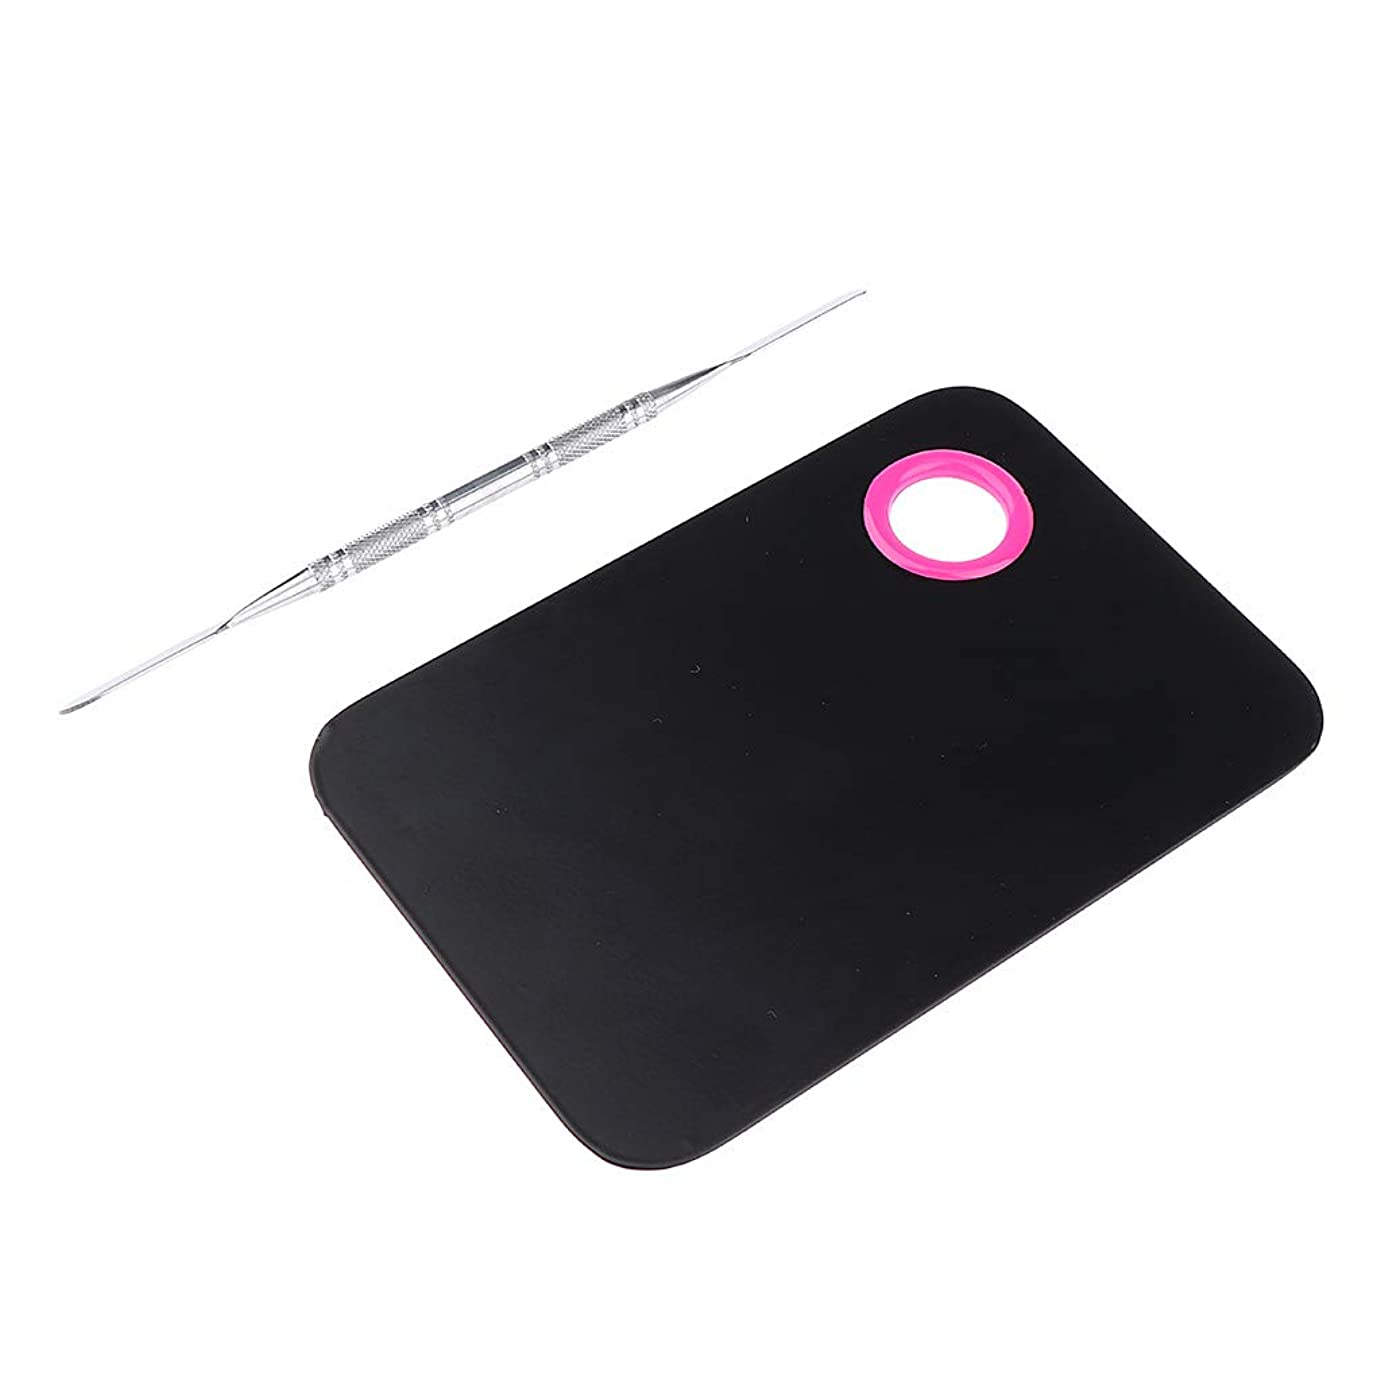 指紋端末制限ミキシングパレット ネイルアート メイクアップ スパチュラ プロ DIY 2色選べ - ブラック